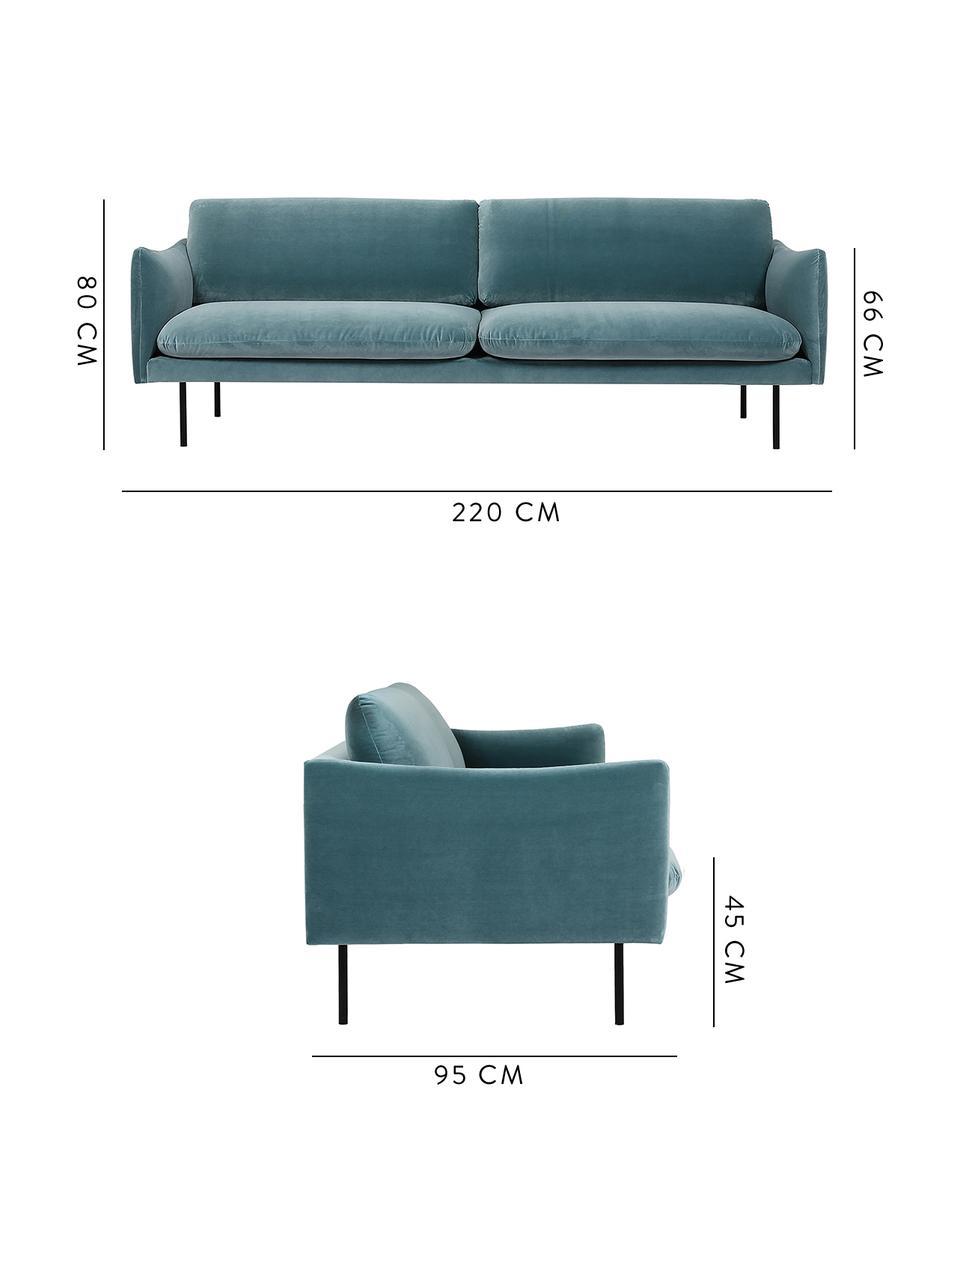 Sofa z aksamitu z metalowymi nogami Moby (3-osobowa), Tapicerka: aksamit (wysokiej jakości, Stelaż: lite drewno sosnowe, Nogi: metal malowany proszkowo, Aksamitny turkusowy, S 220 x G 95 cm